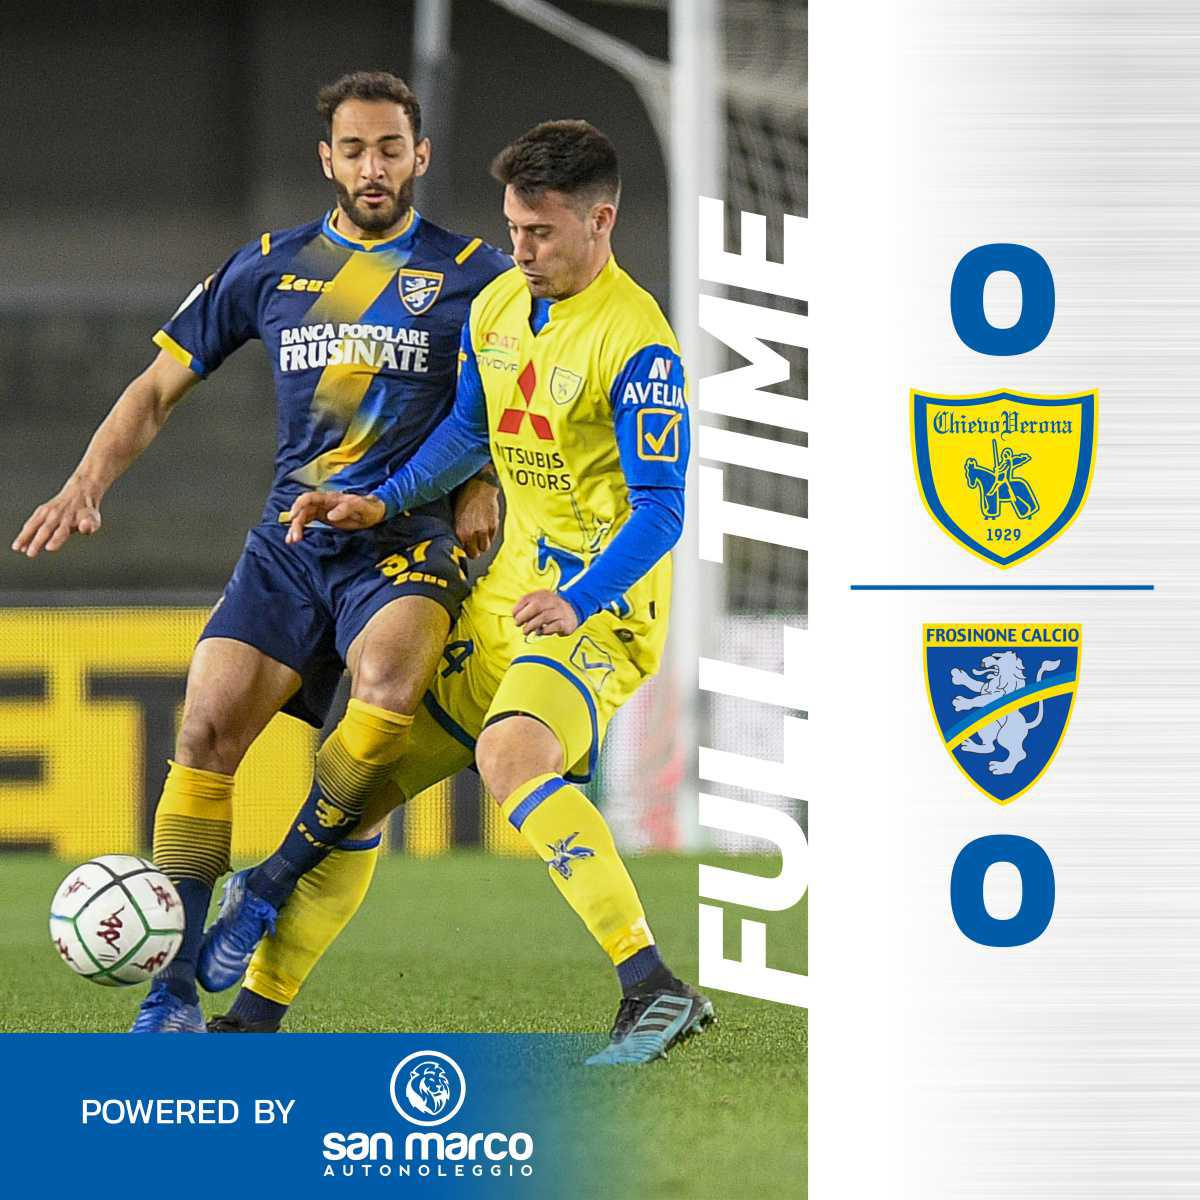 #ChievoFrosinone 0-0: il tabellino del match